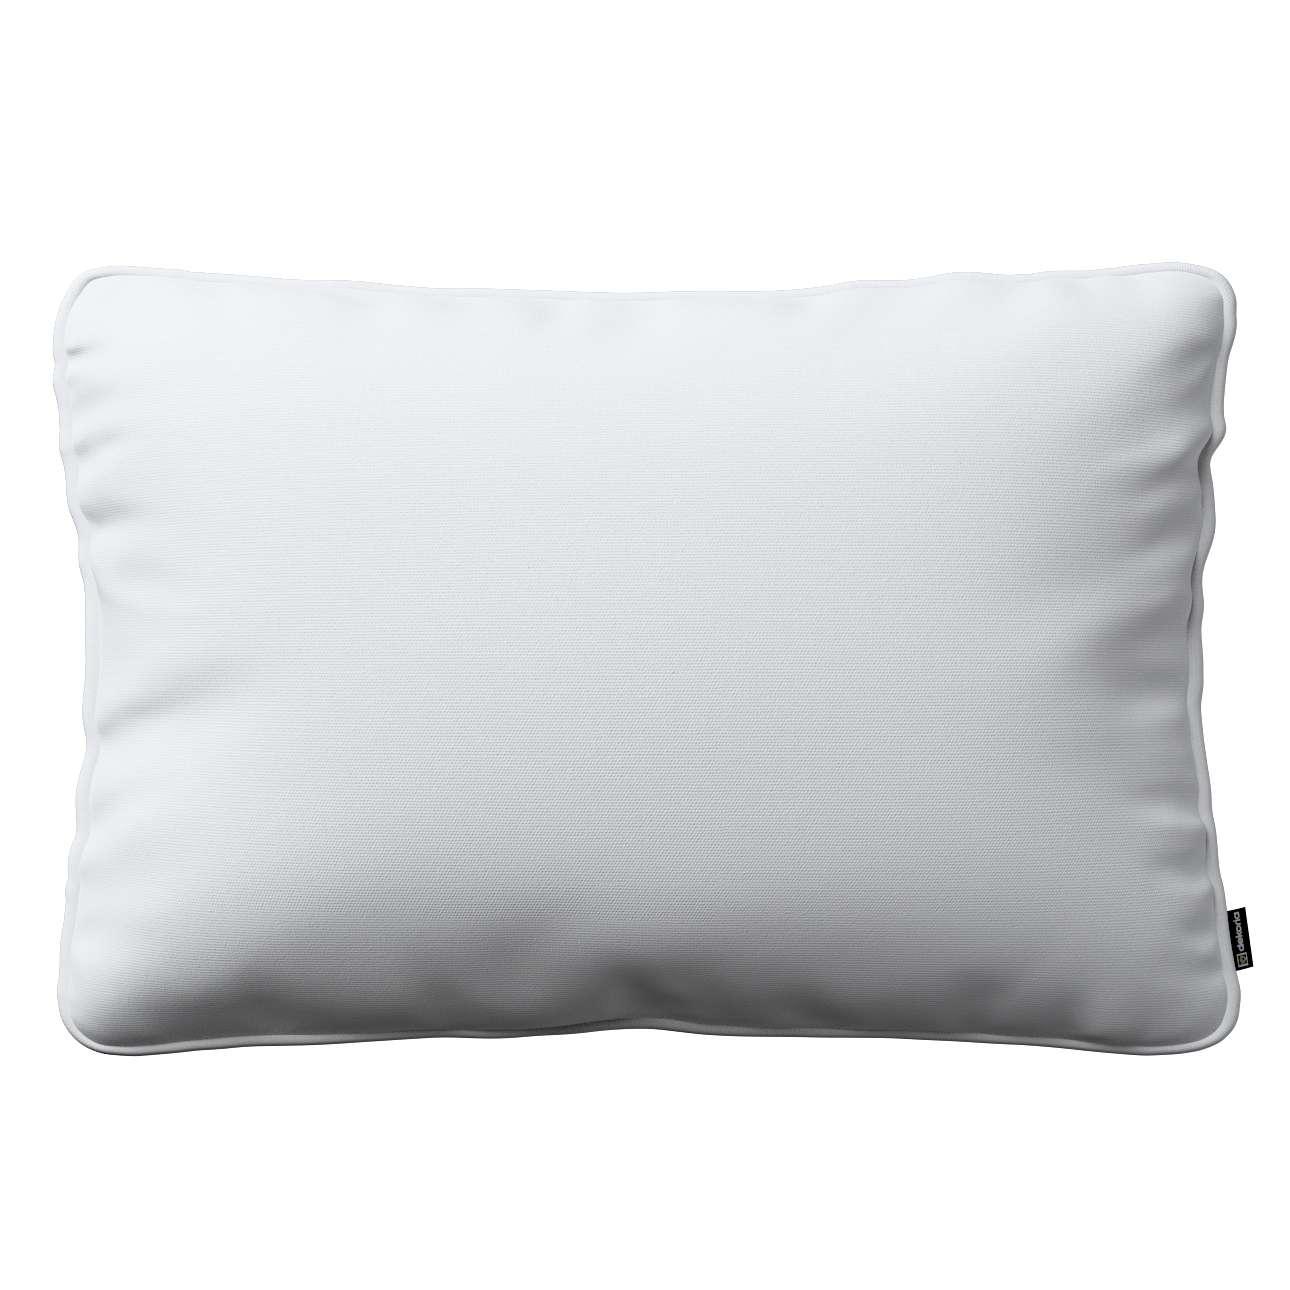 Poszewka Gabi na poduszkę prostokątna 60 x 40 cm w kolekcji Loneta, tkanina: 133-02